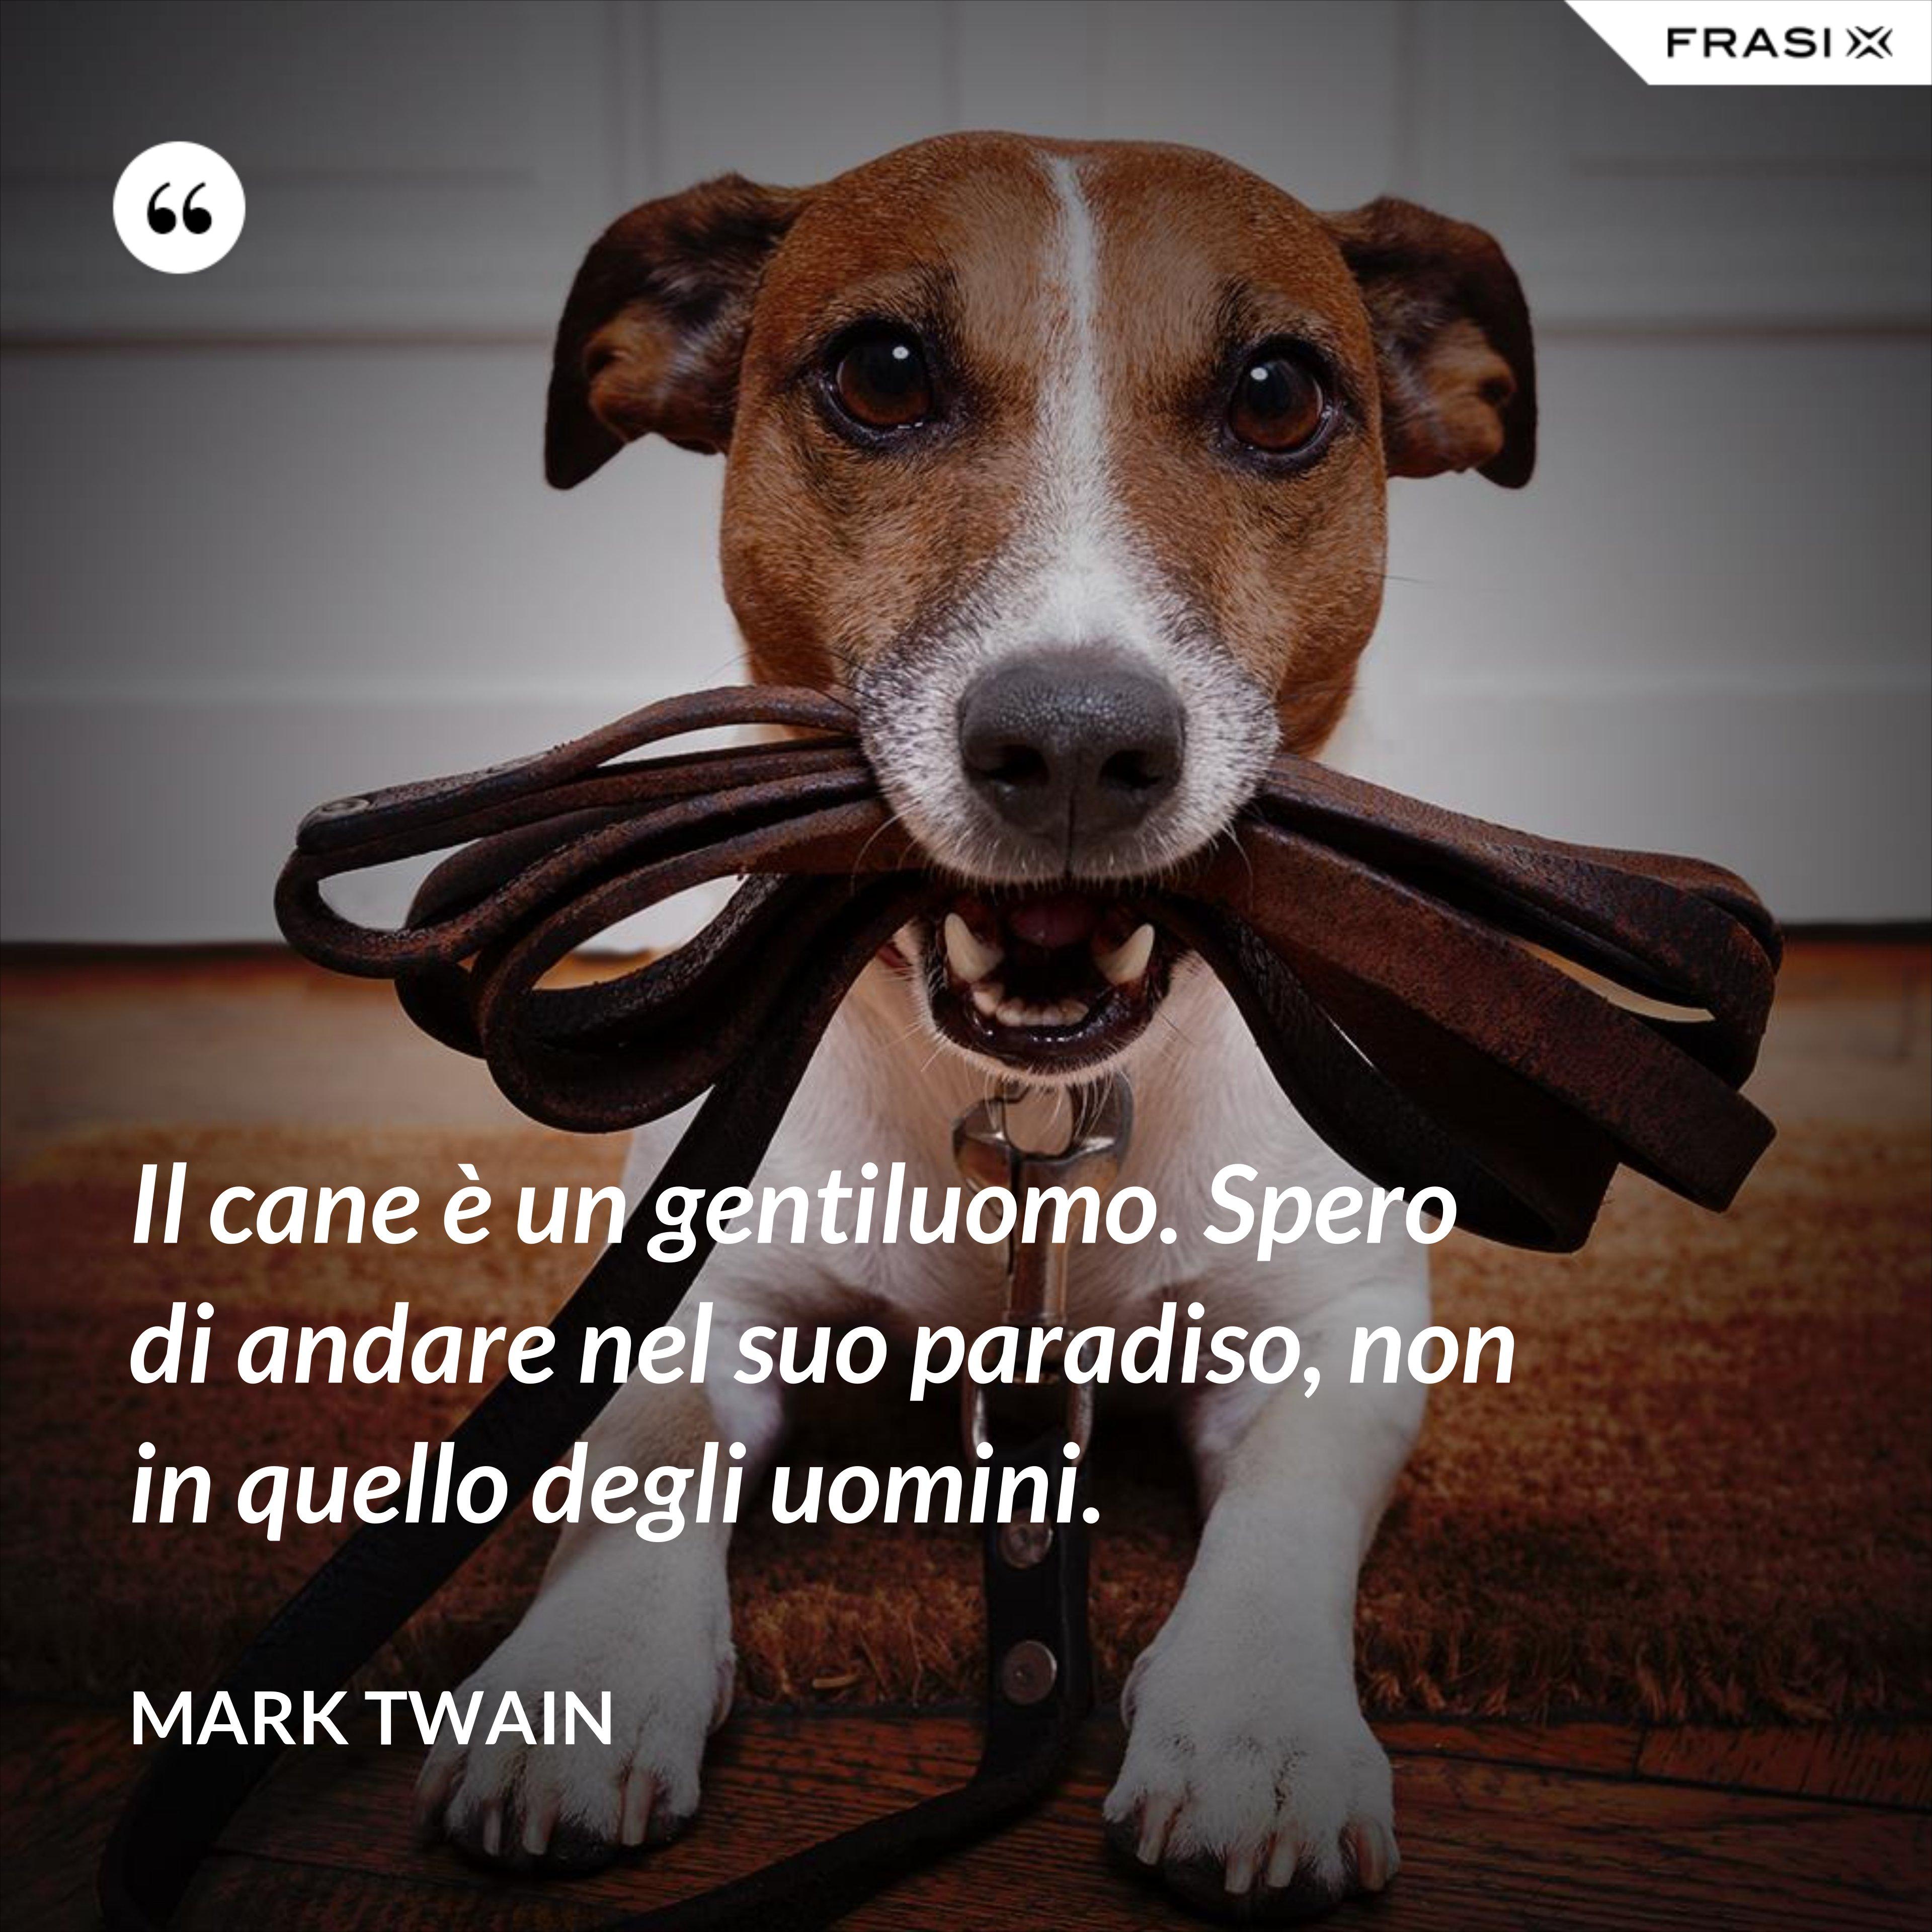 Il cane è un gentiluomo. Spero di andare nel suo paradiso, non in quello degli uomini. - Mark Twain